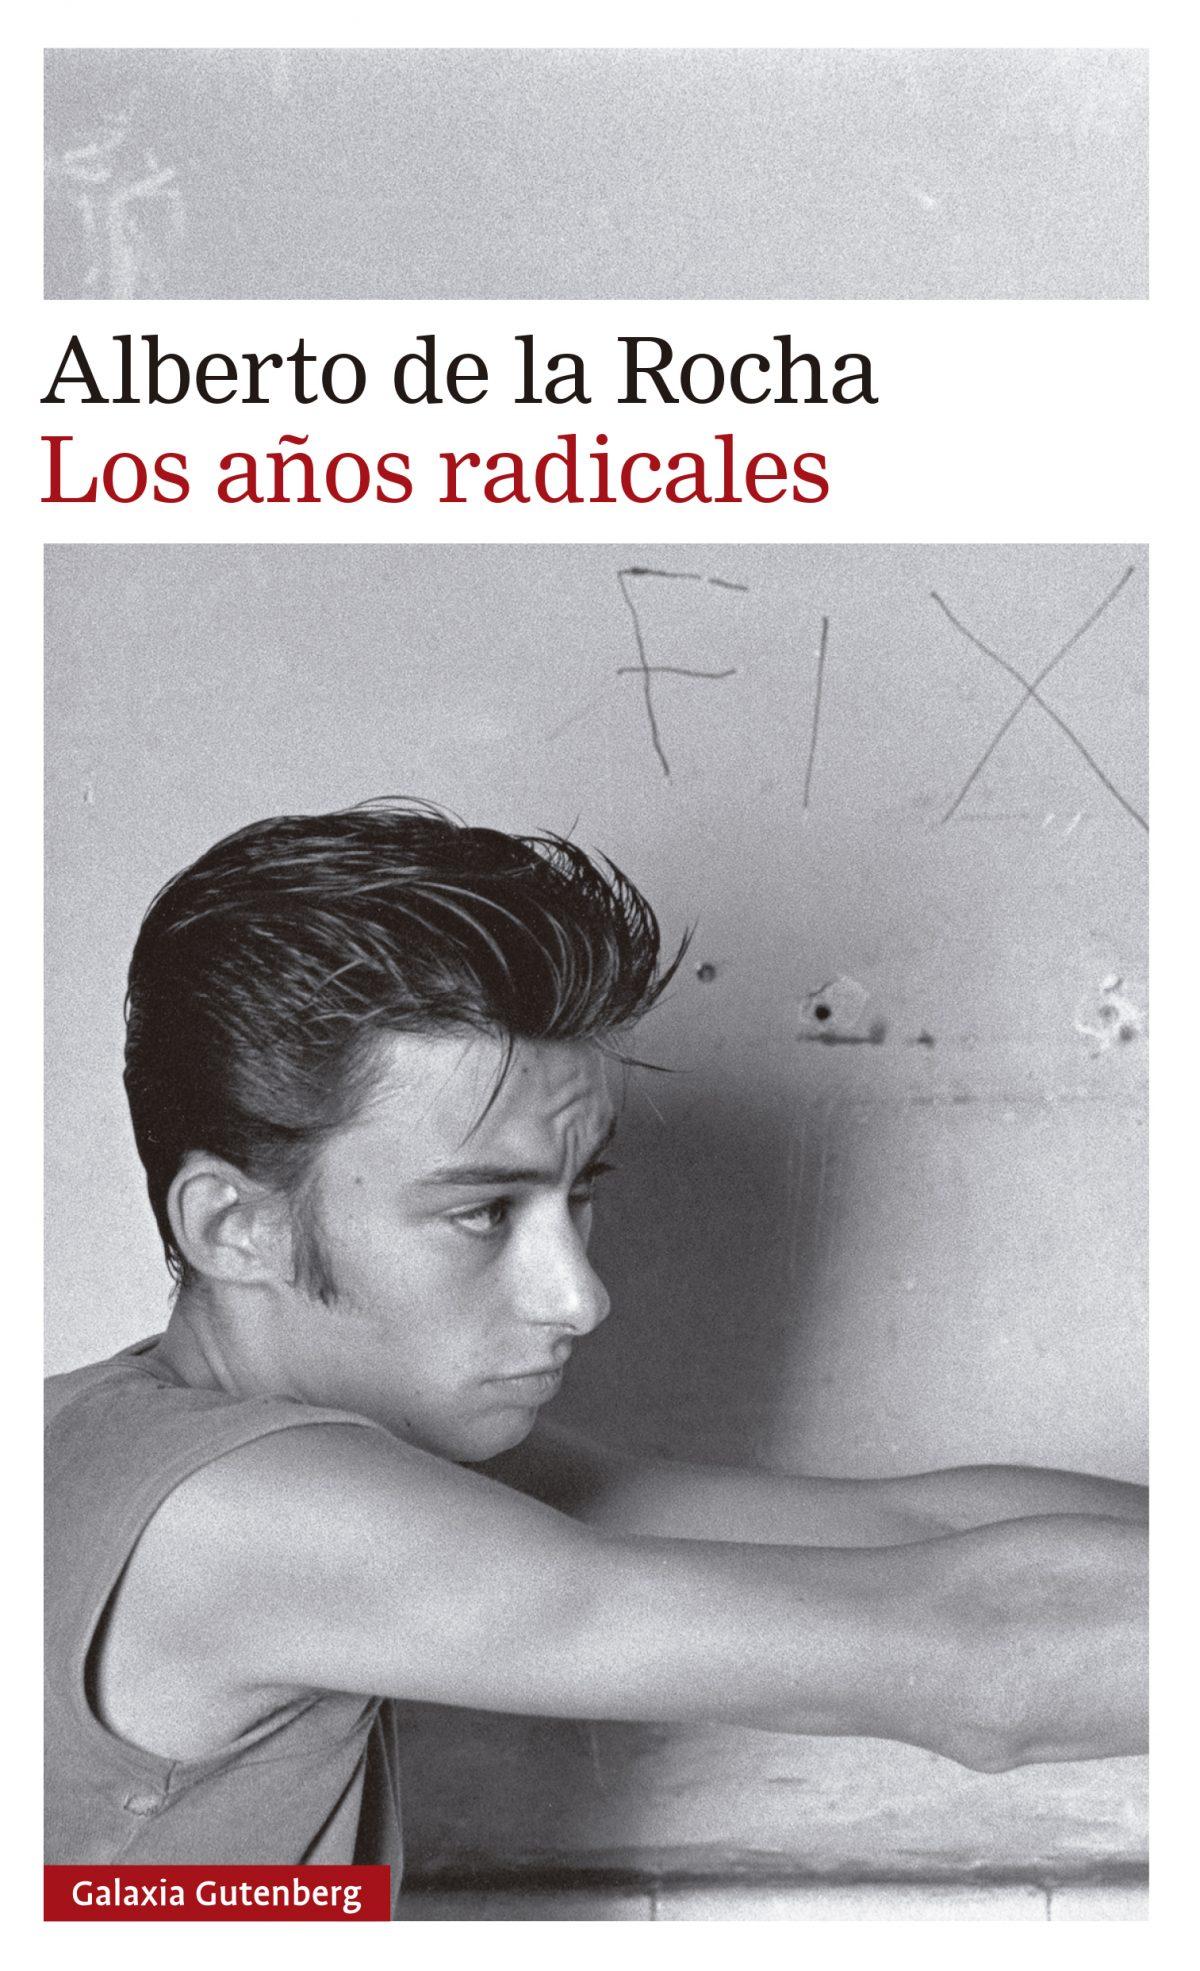 LOS AÑOS RADICALES (XIV PREMIO MÁLAGA DE NOVELA)